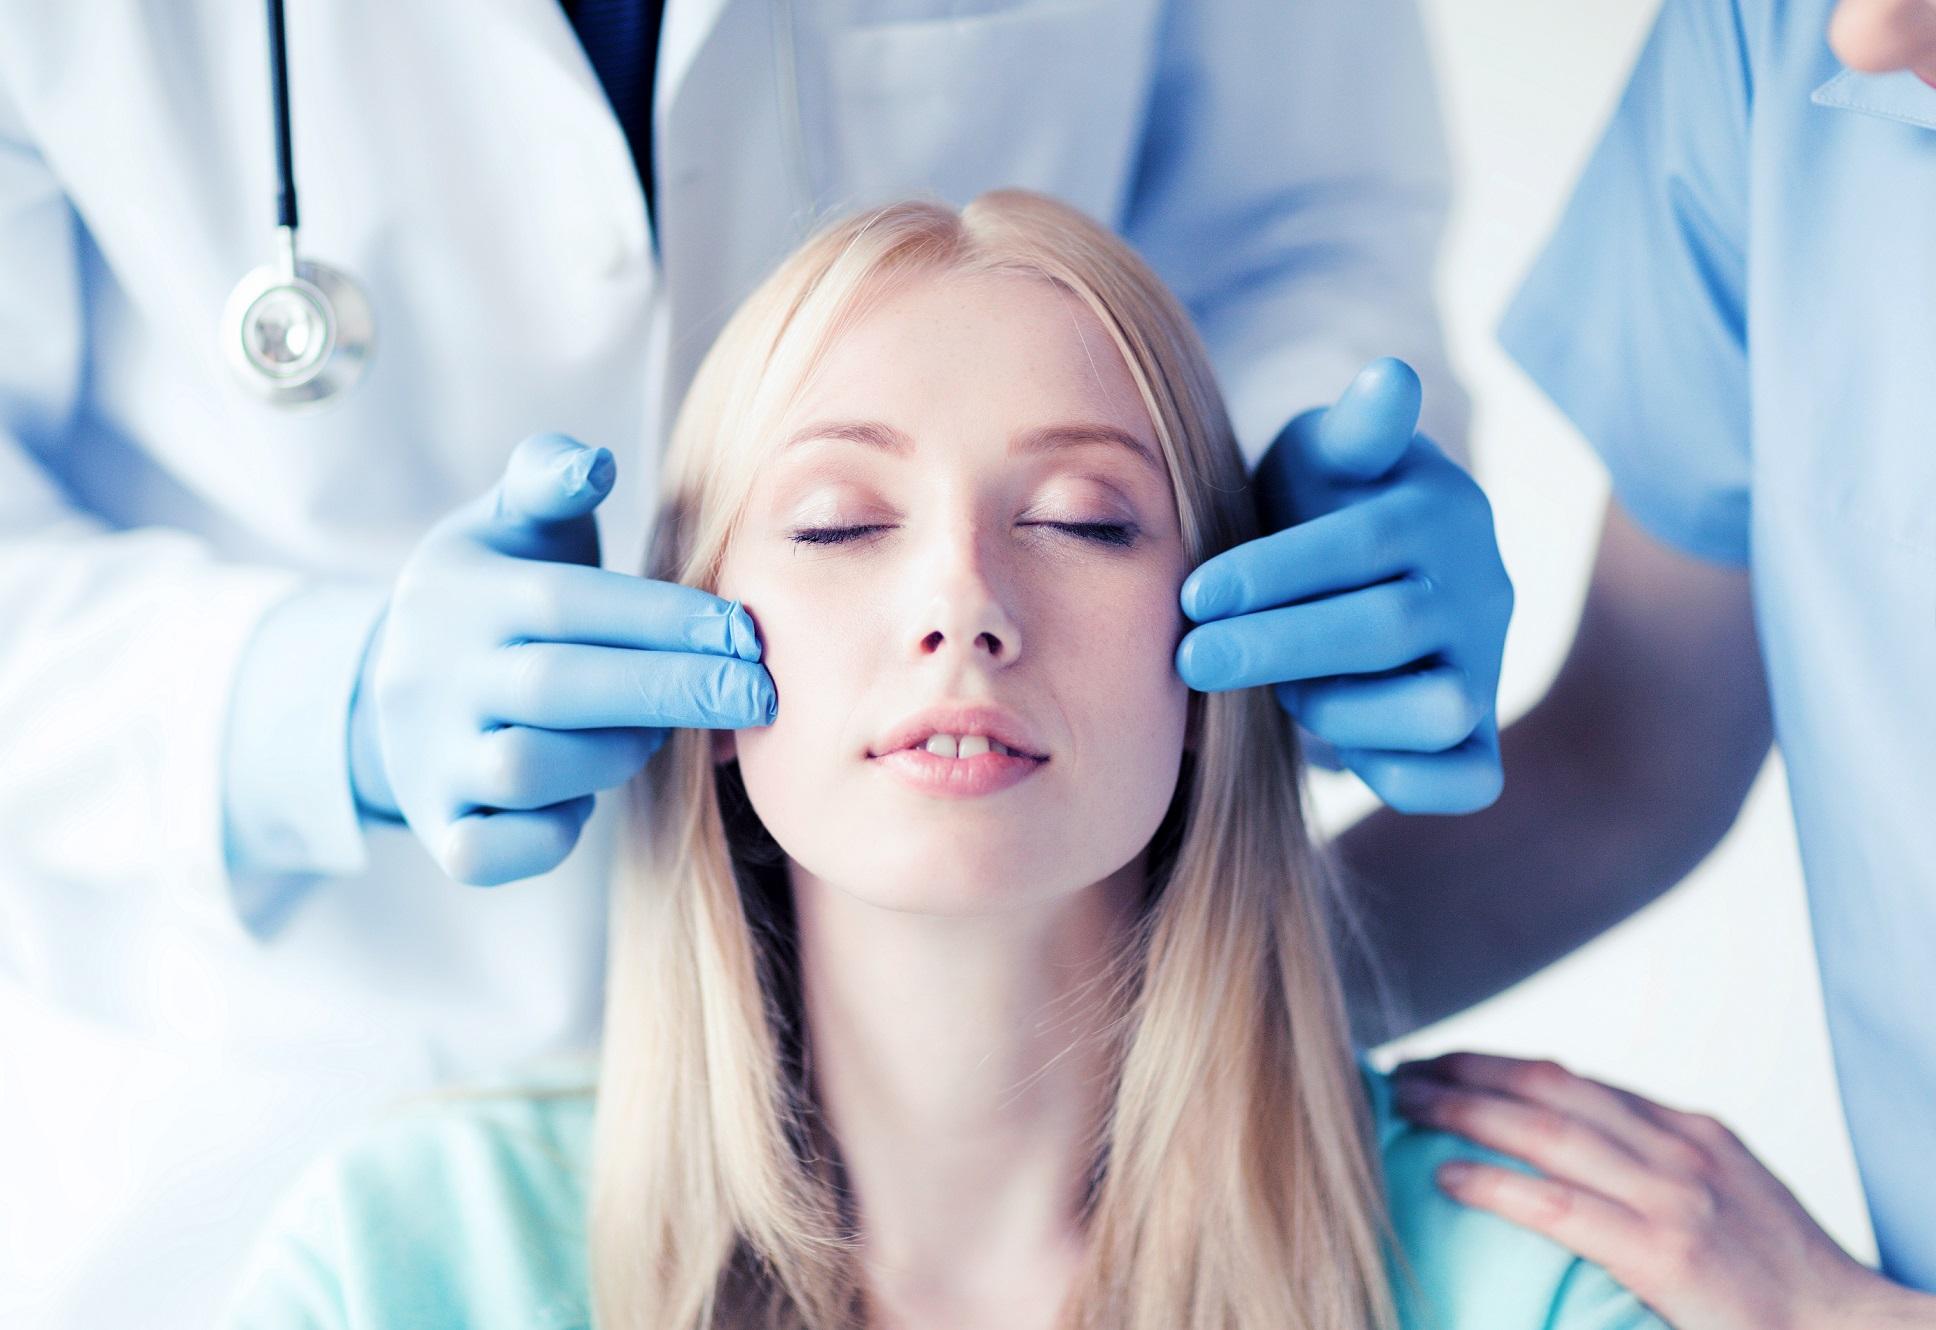 Come scegliere il medico estetico? I requisiti da tenere a mente